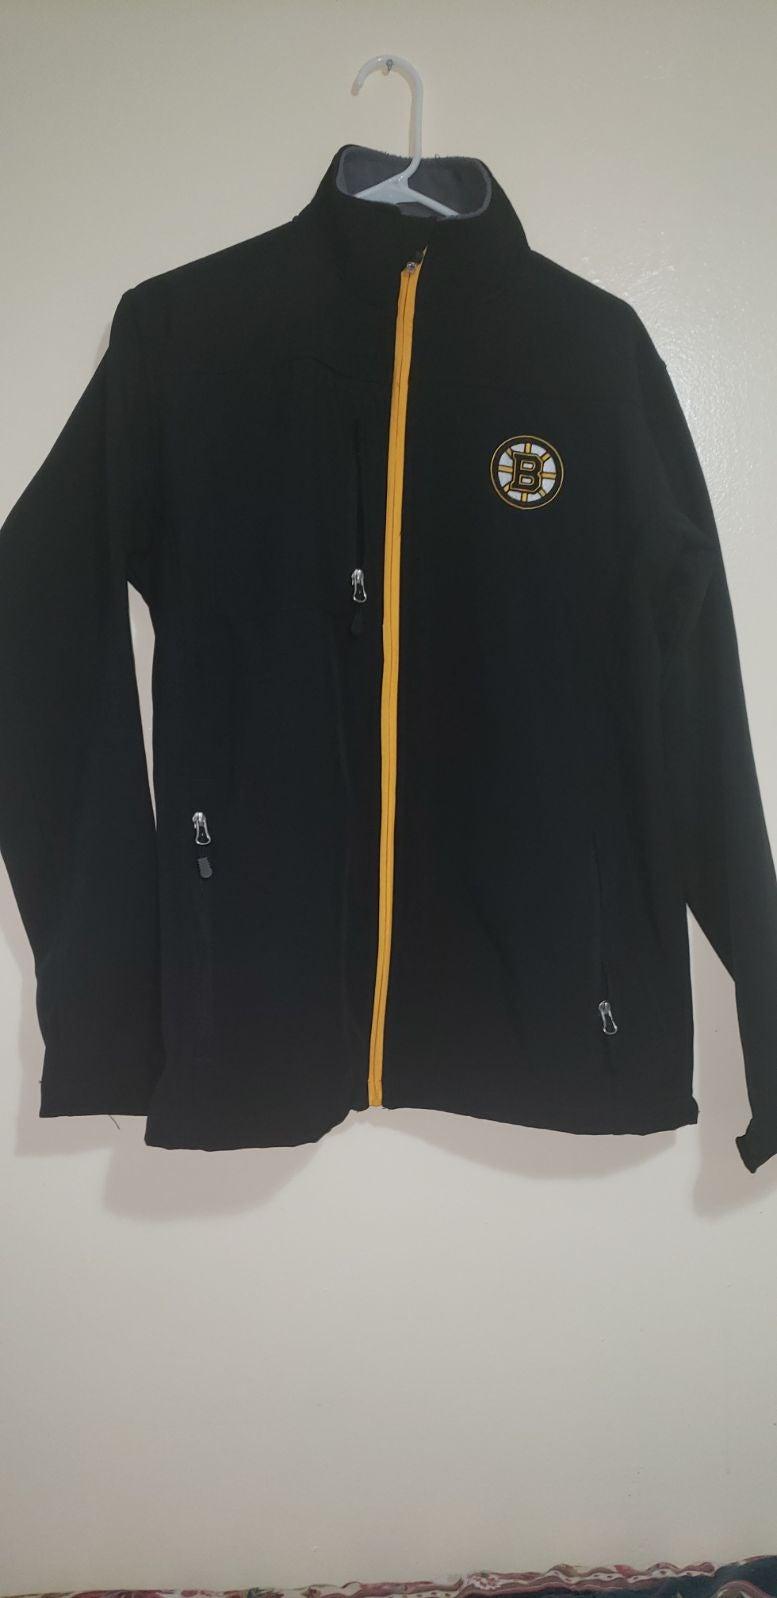 jackets for men bruins size M